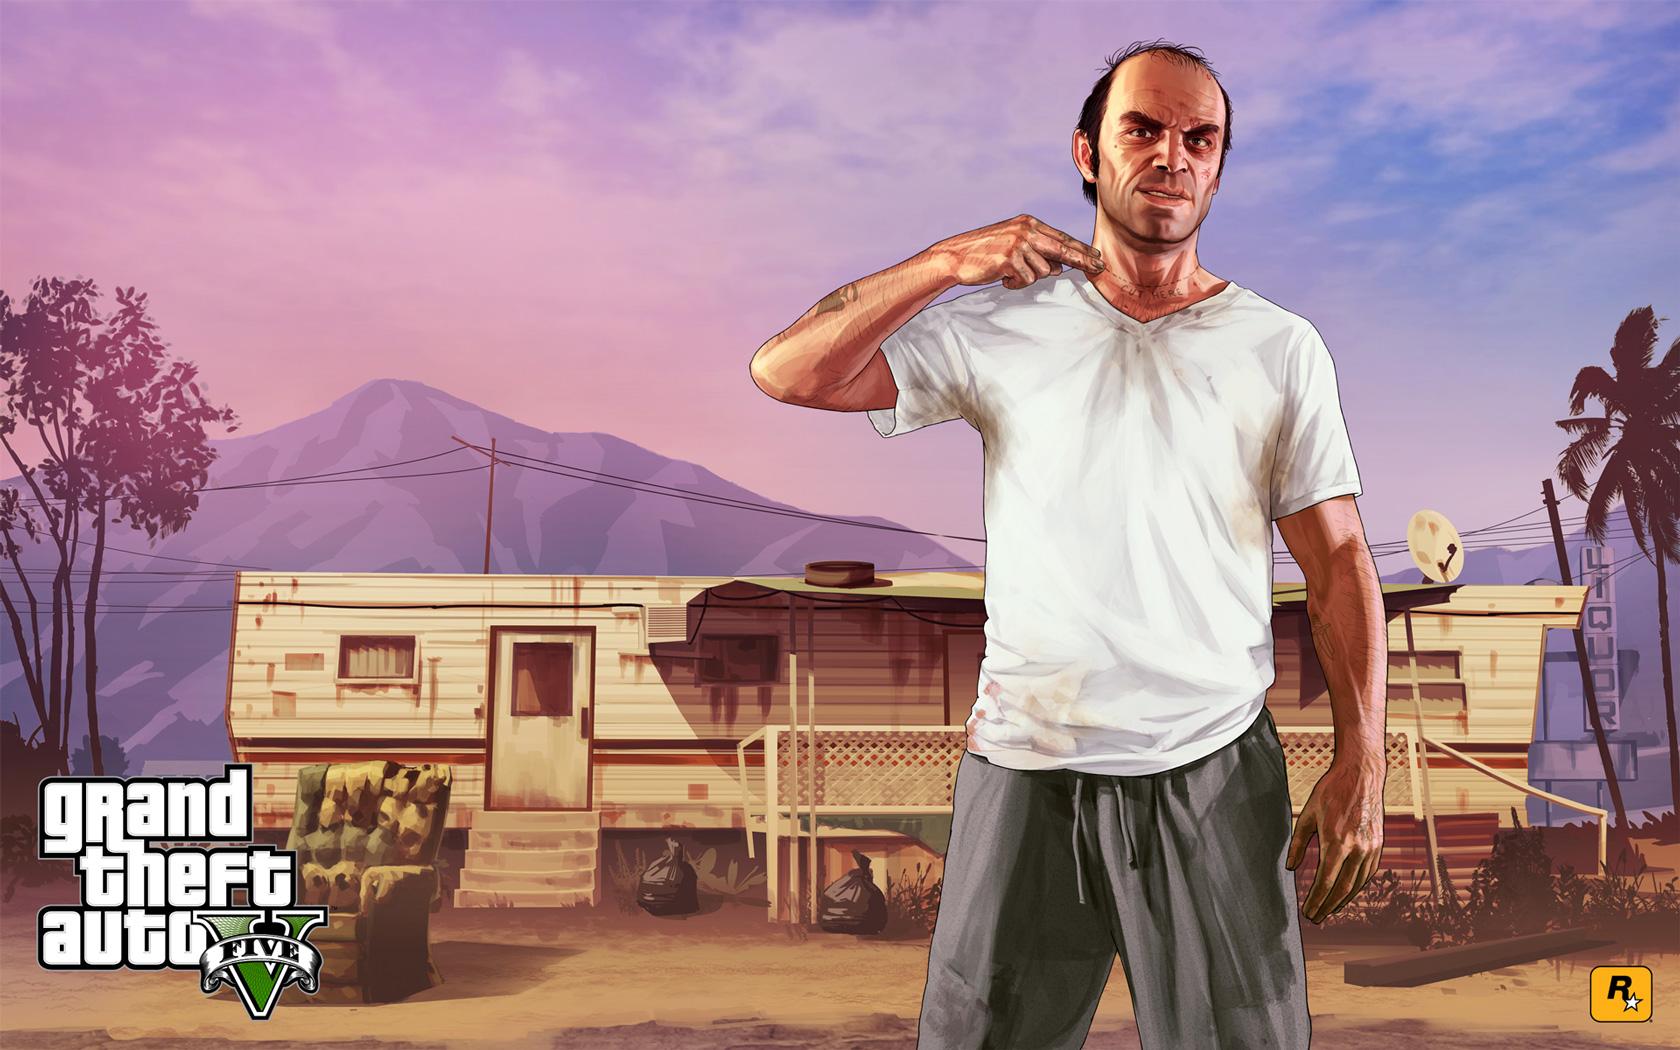 Grand Theft Auto V Wallpaper in 1680x1050